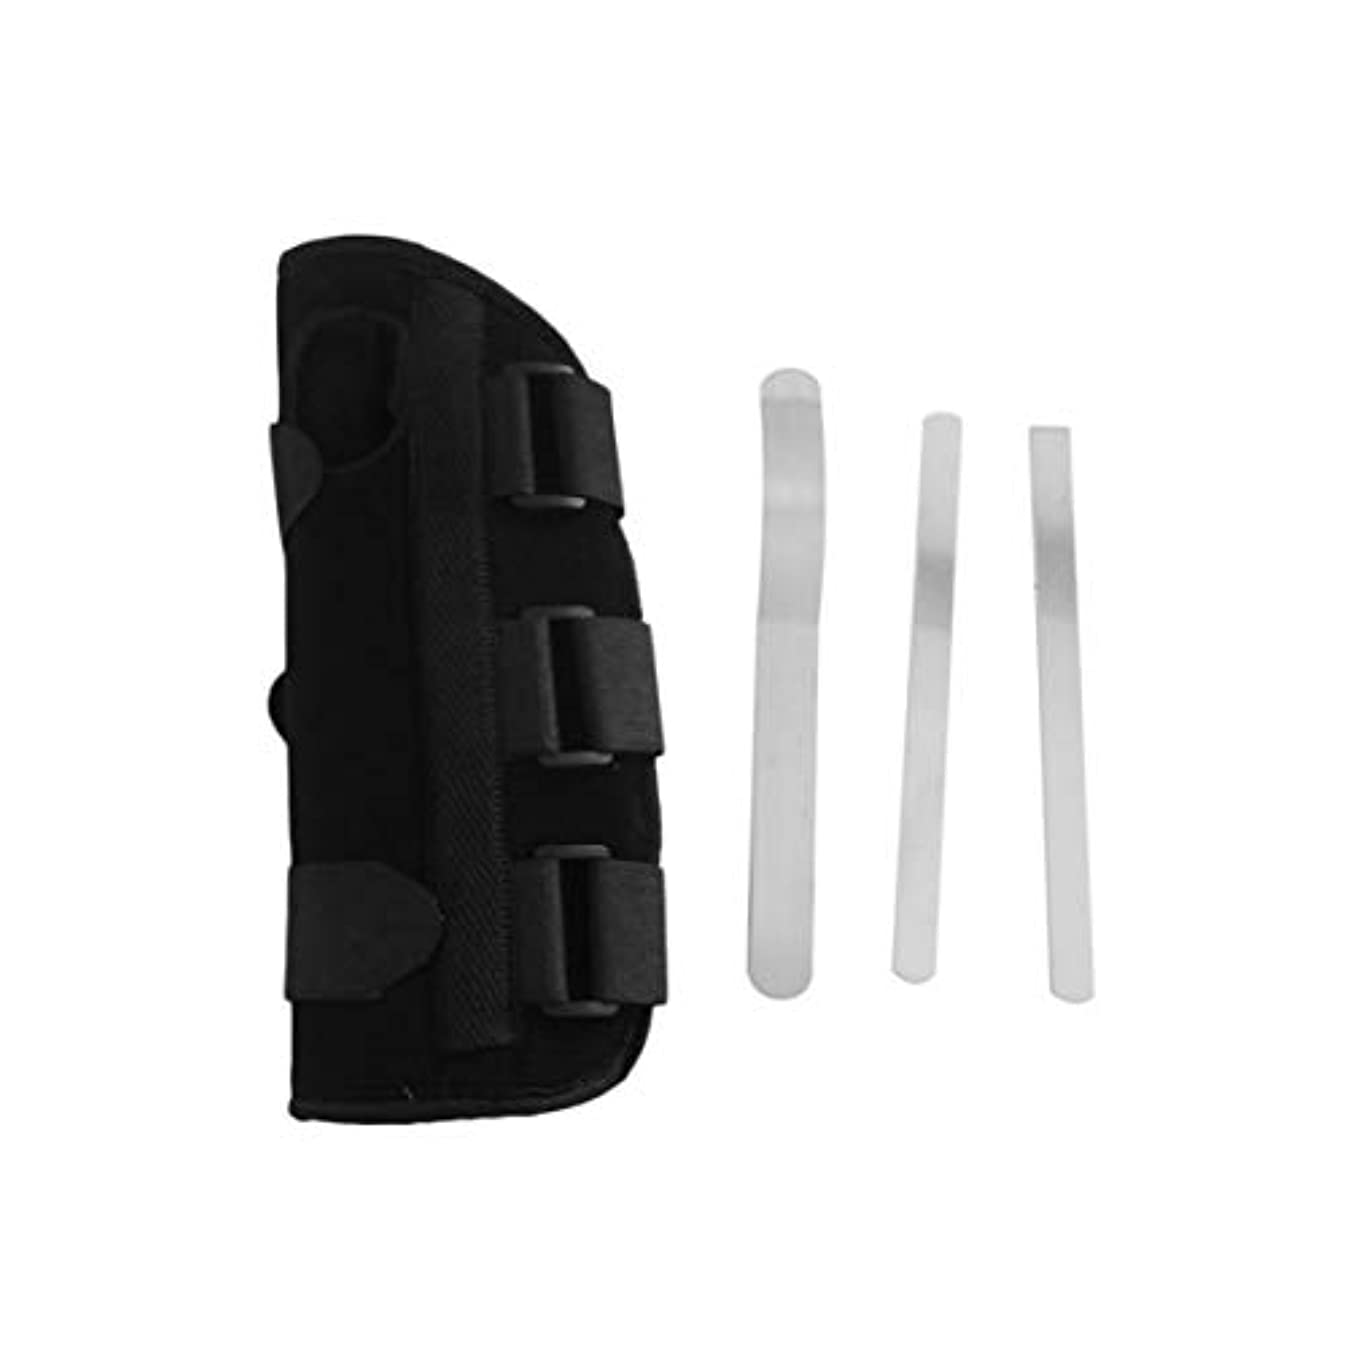 電気そっと現像手首副木ブレース保護サポートストラップカルペルトンネルCTS RSI痛み軽減取り外し可能な副木快適な軽量ストラップ - ブラックS